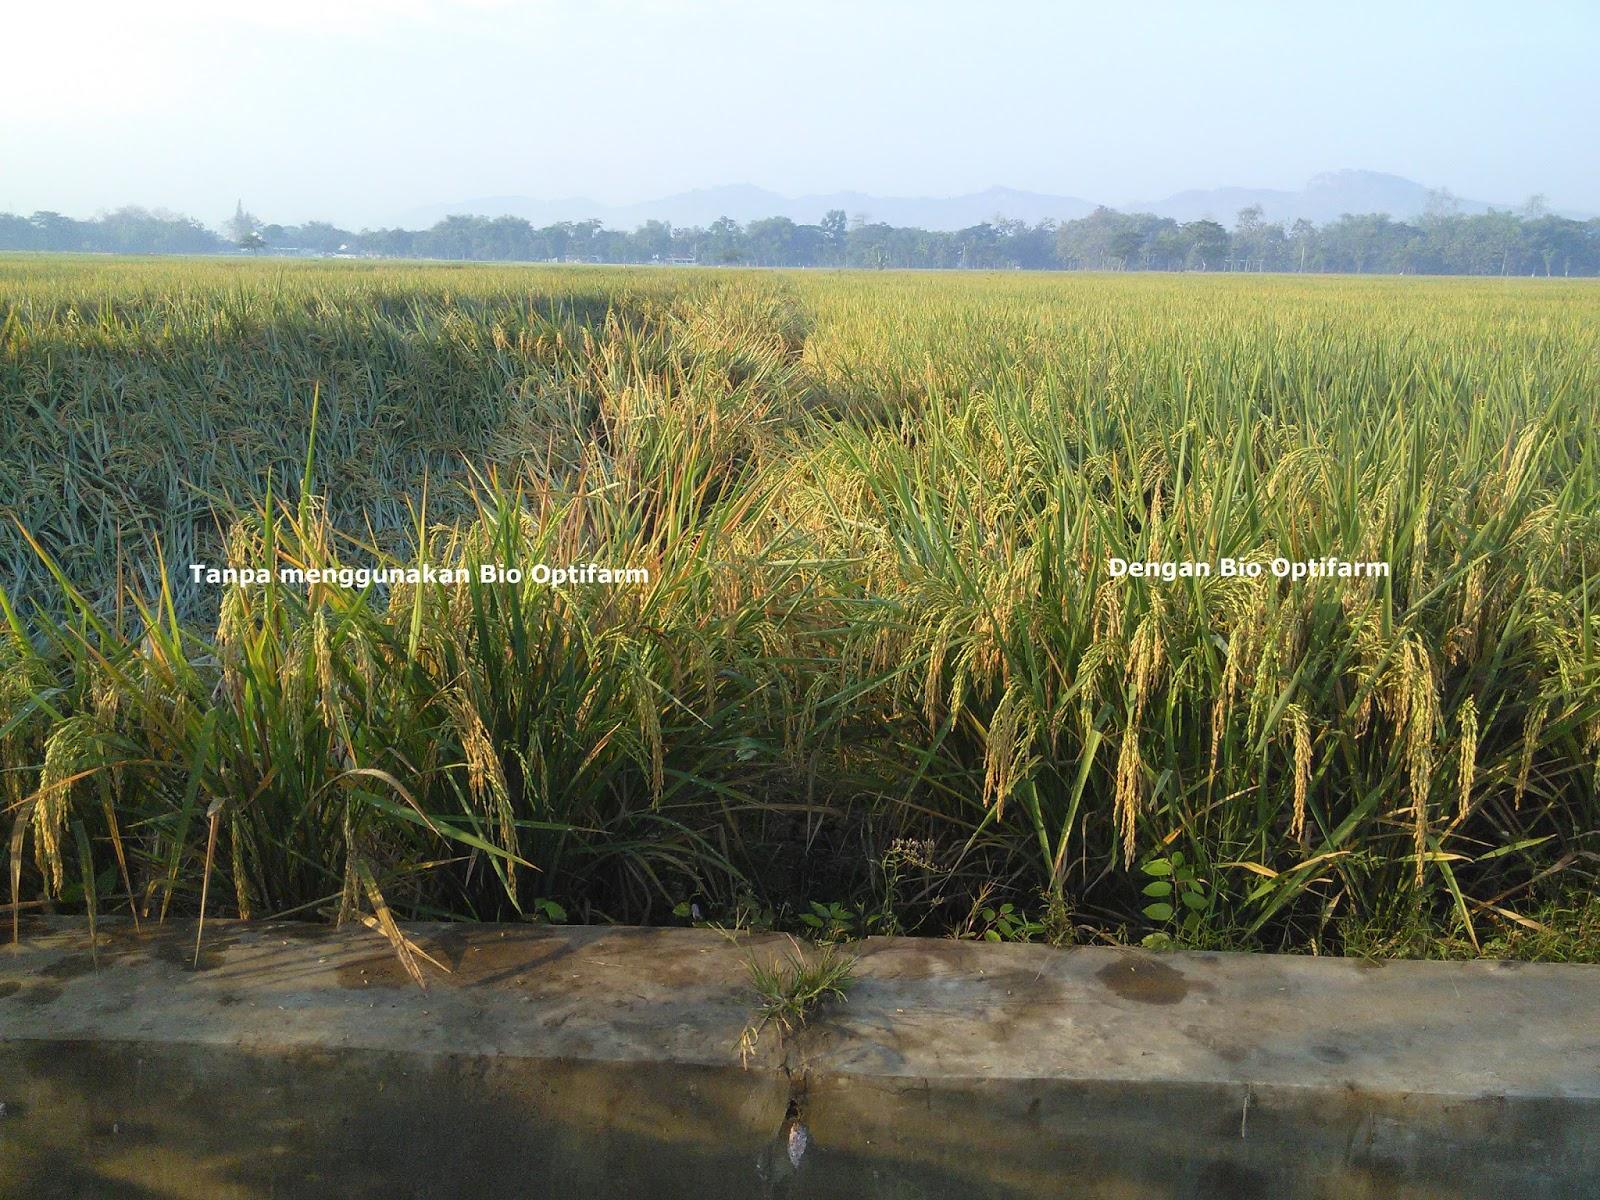 Tanaman padi lebih kokoh meskipun ditengah musim penghujan